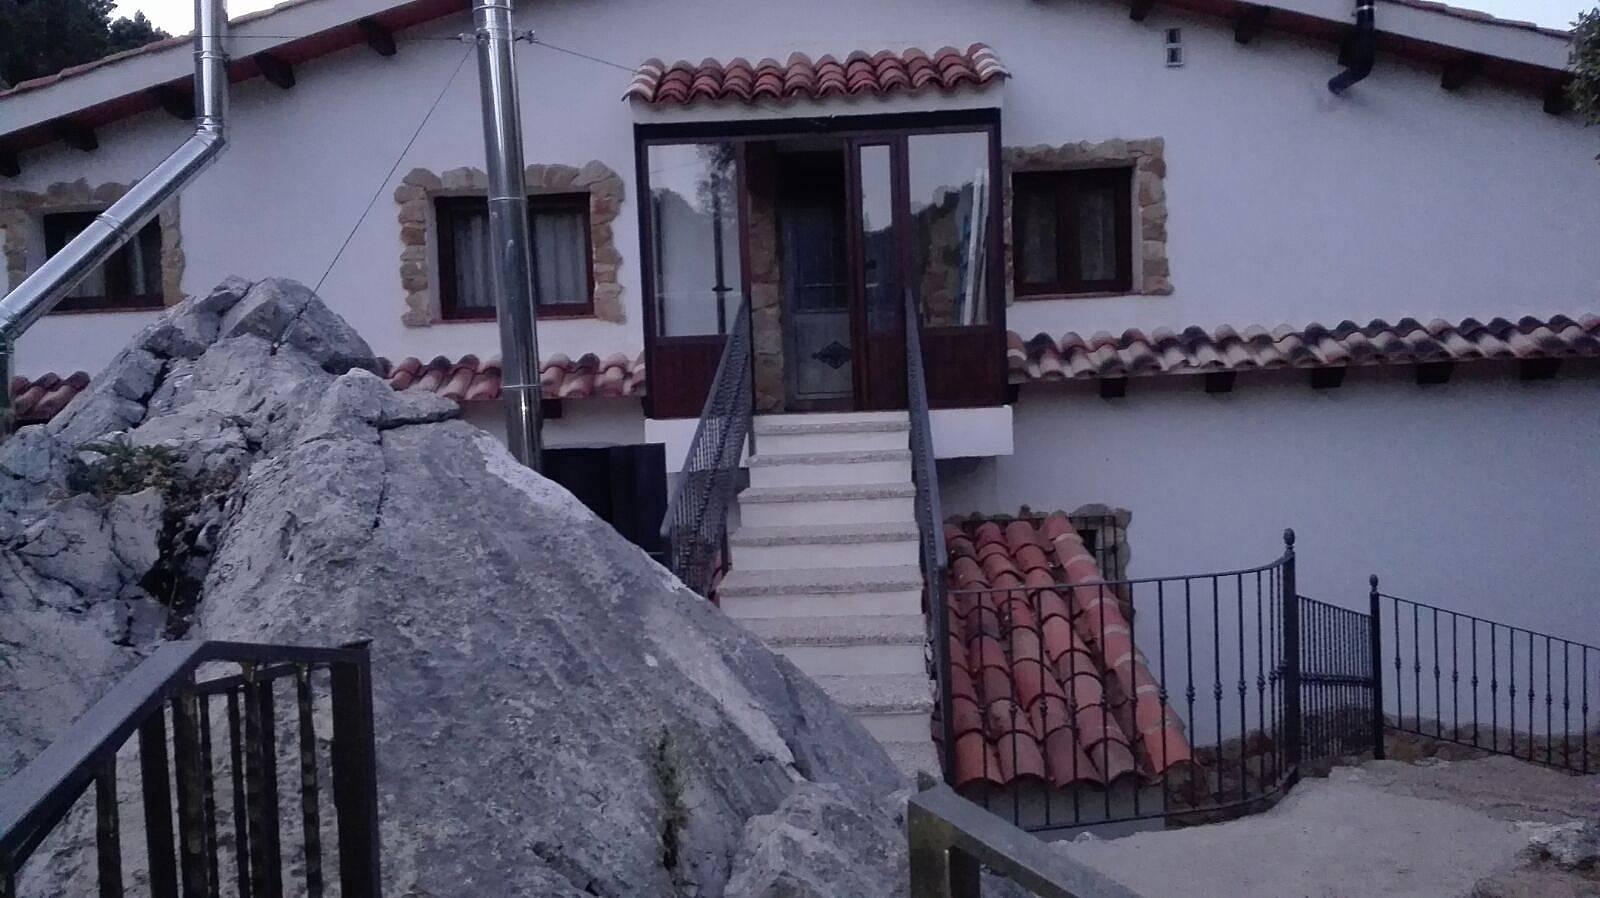 Alquiler de casas rurales en ja n - Casas rurales jaen ...